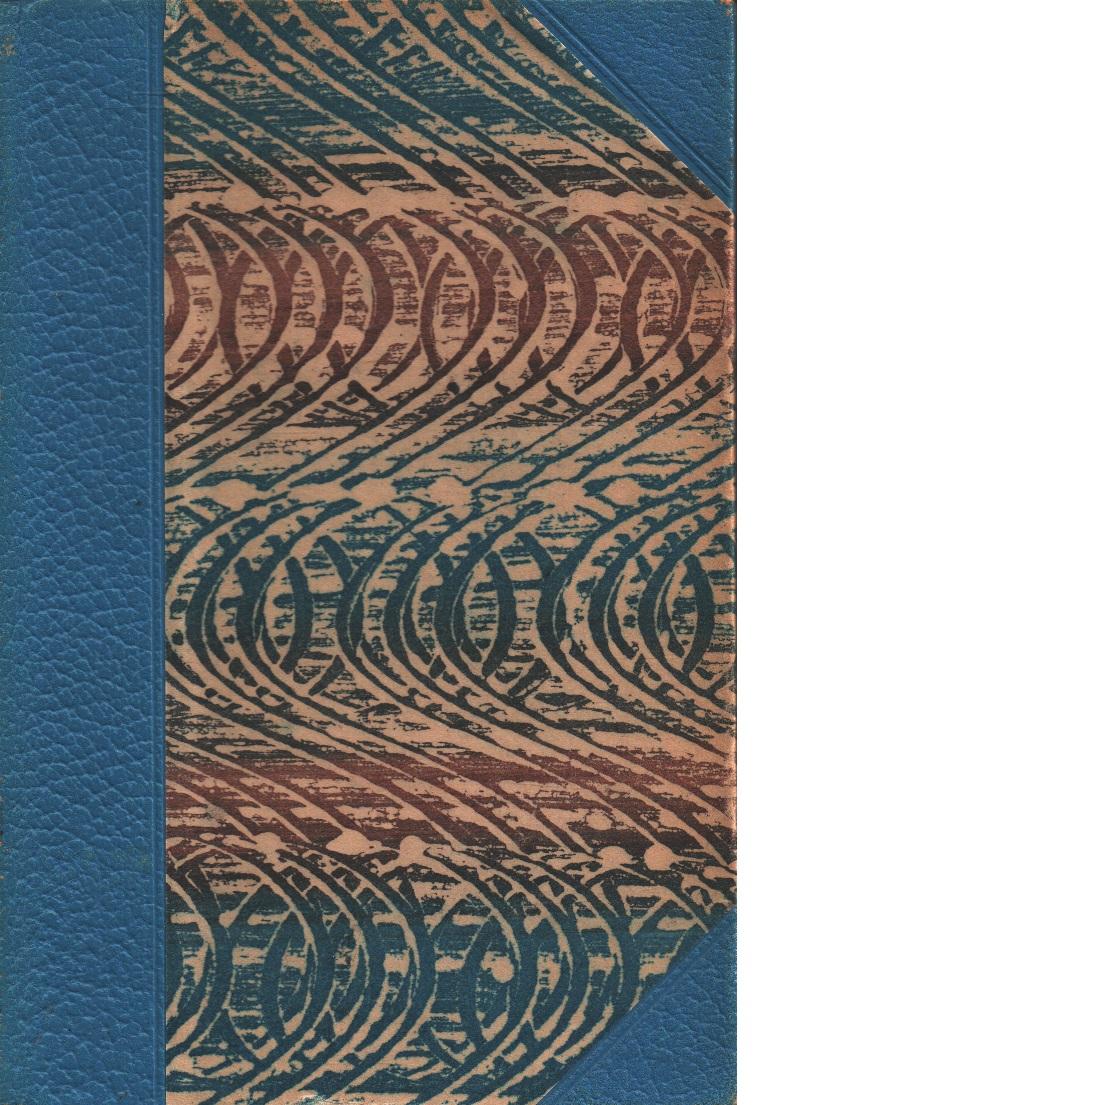 Fattigadel, 1 : samlade skrifter - Krusenstjerna, Agnes Von